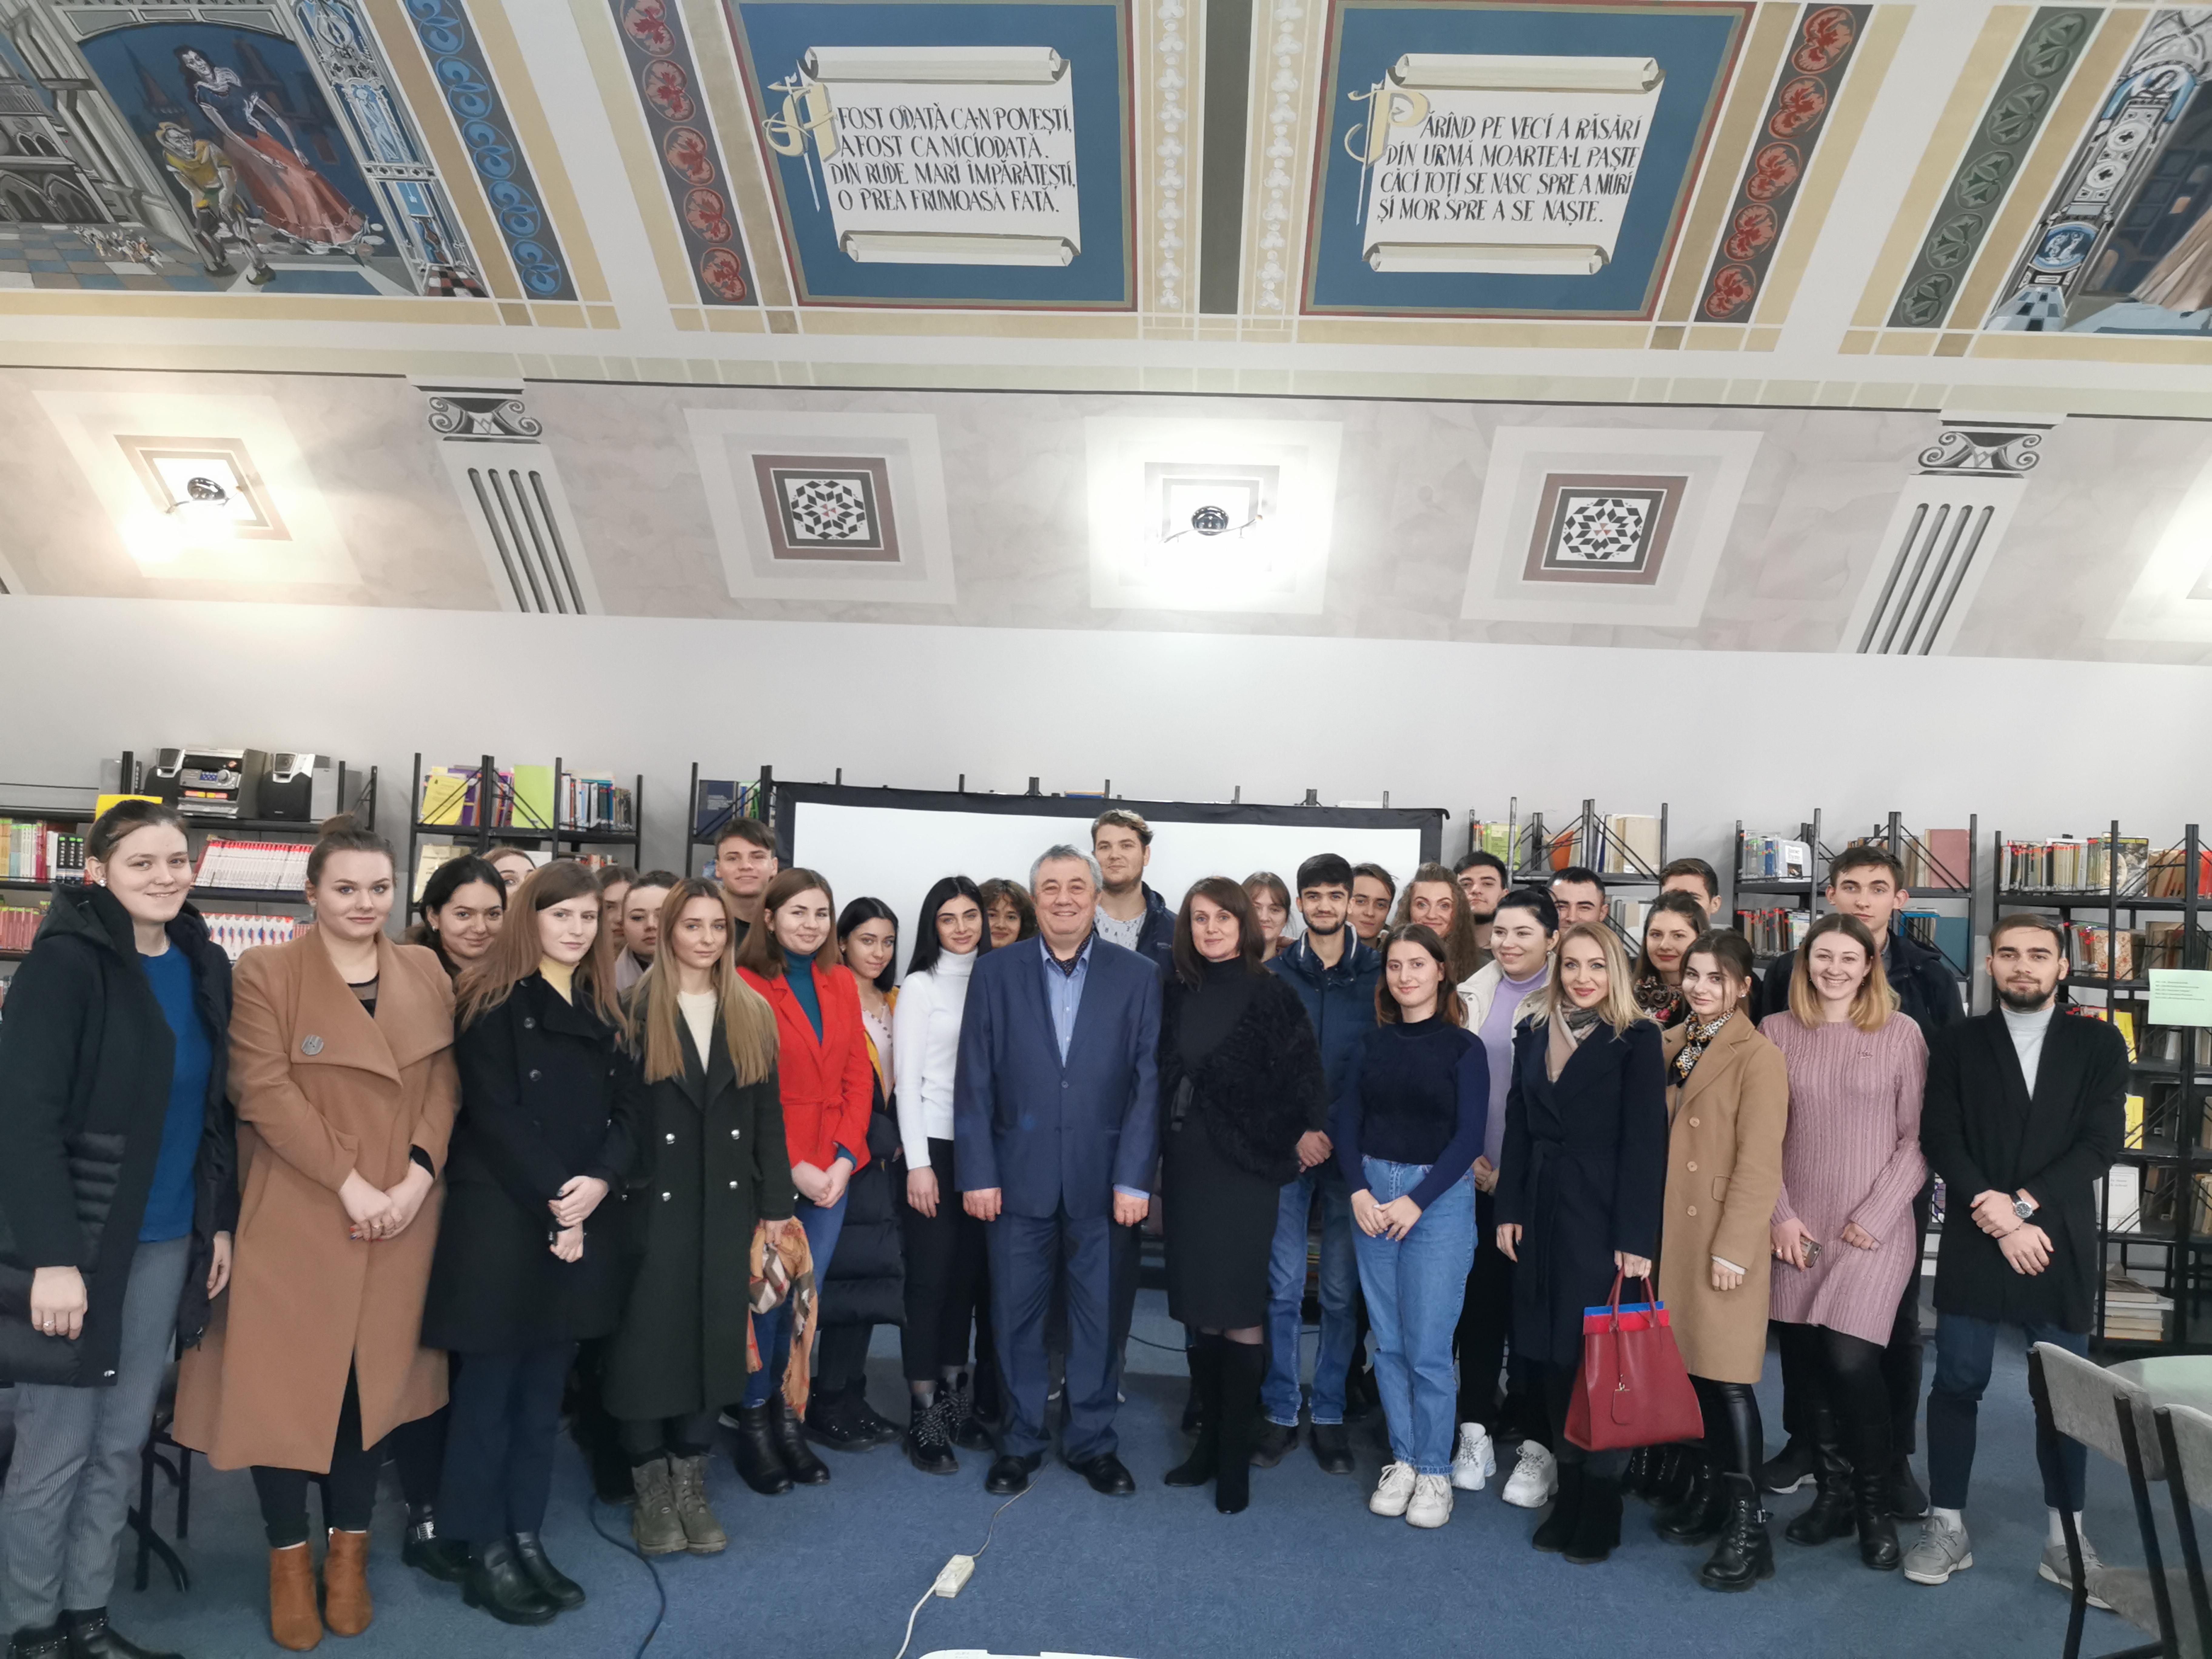 Diplomatul Valeriu Turea, în dialog cu studenții de la Facultatea Relații Internaționale, Științe Politice și Jurnalism, despre provocări și performanțe profesionale